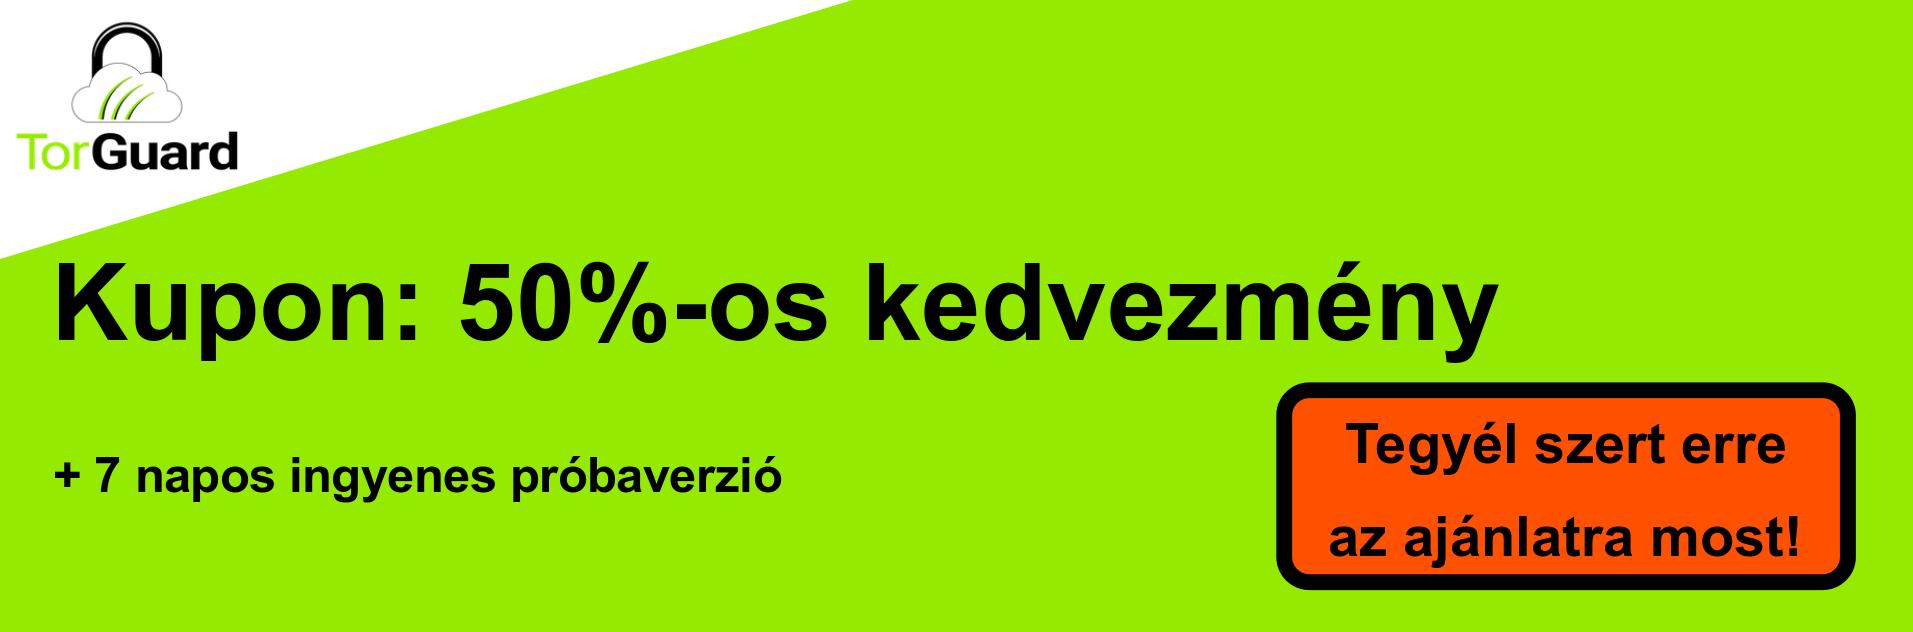 TorGuard VPN szelvény banner - 50% kedvezmény